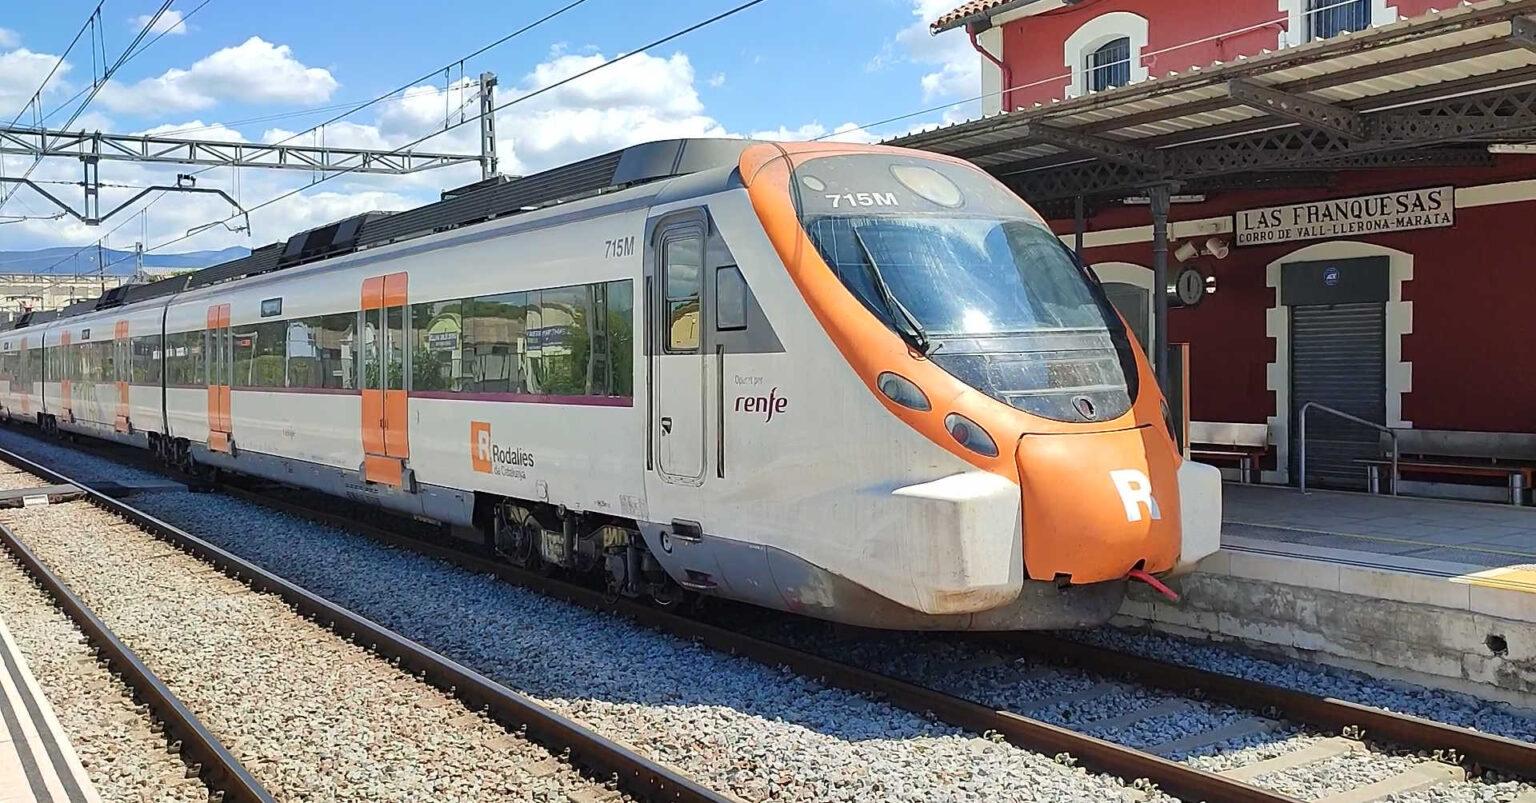 Unidad Civia de Renfe en la estacion Les Franqueses del Vallès destino Vic. La estación se verá afectada por la duplicación de vía entre Parets y La Garriga MIGUEL BUSTOS